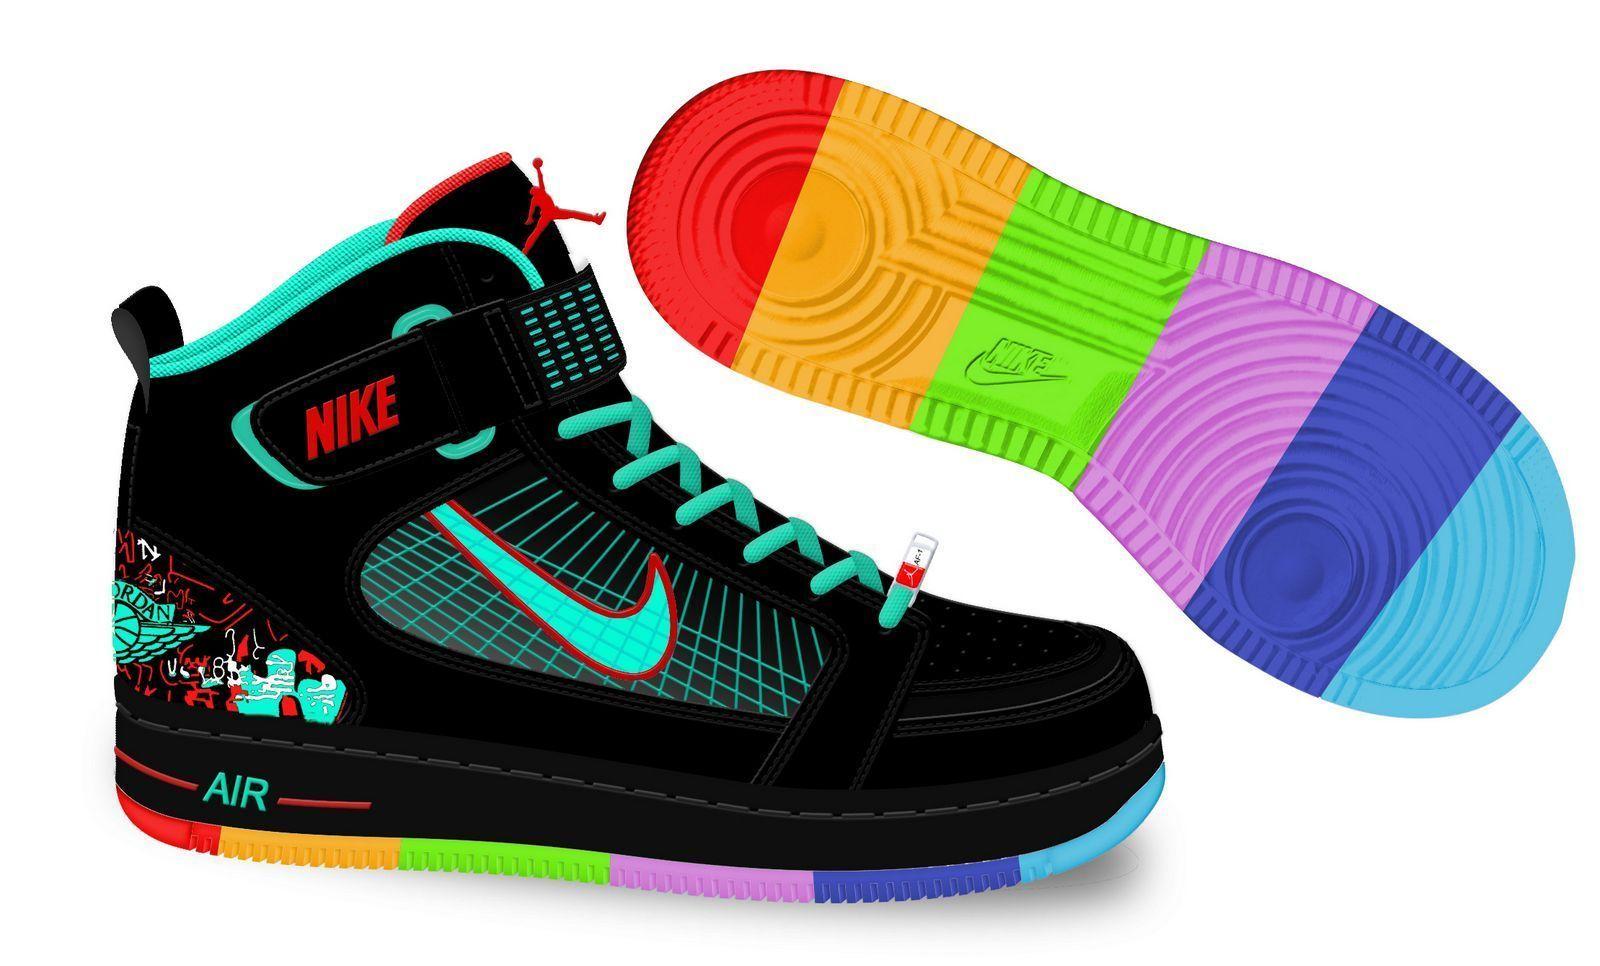 Nike Air Jordan 6 Rings Balck Green Rainbow Colors Jordan Sport ...